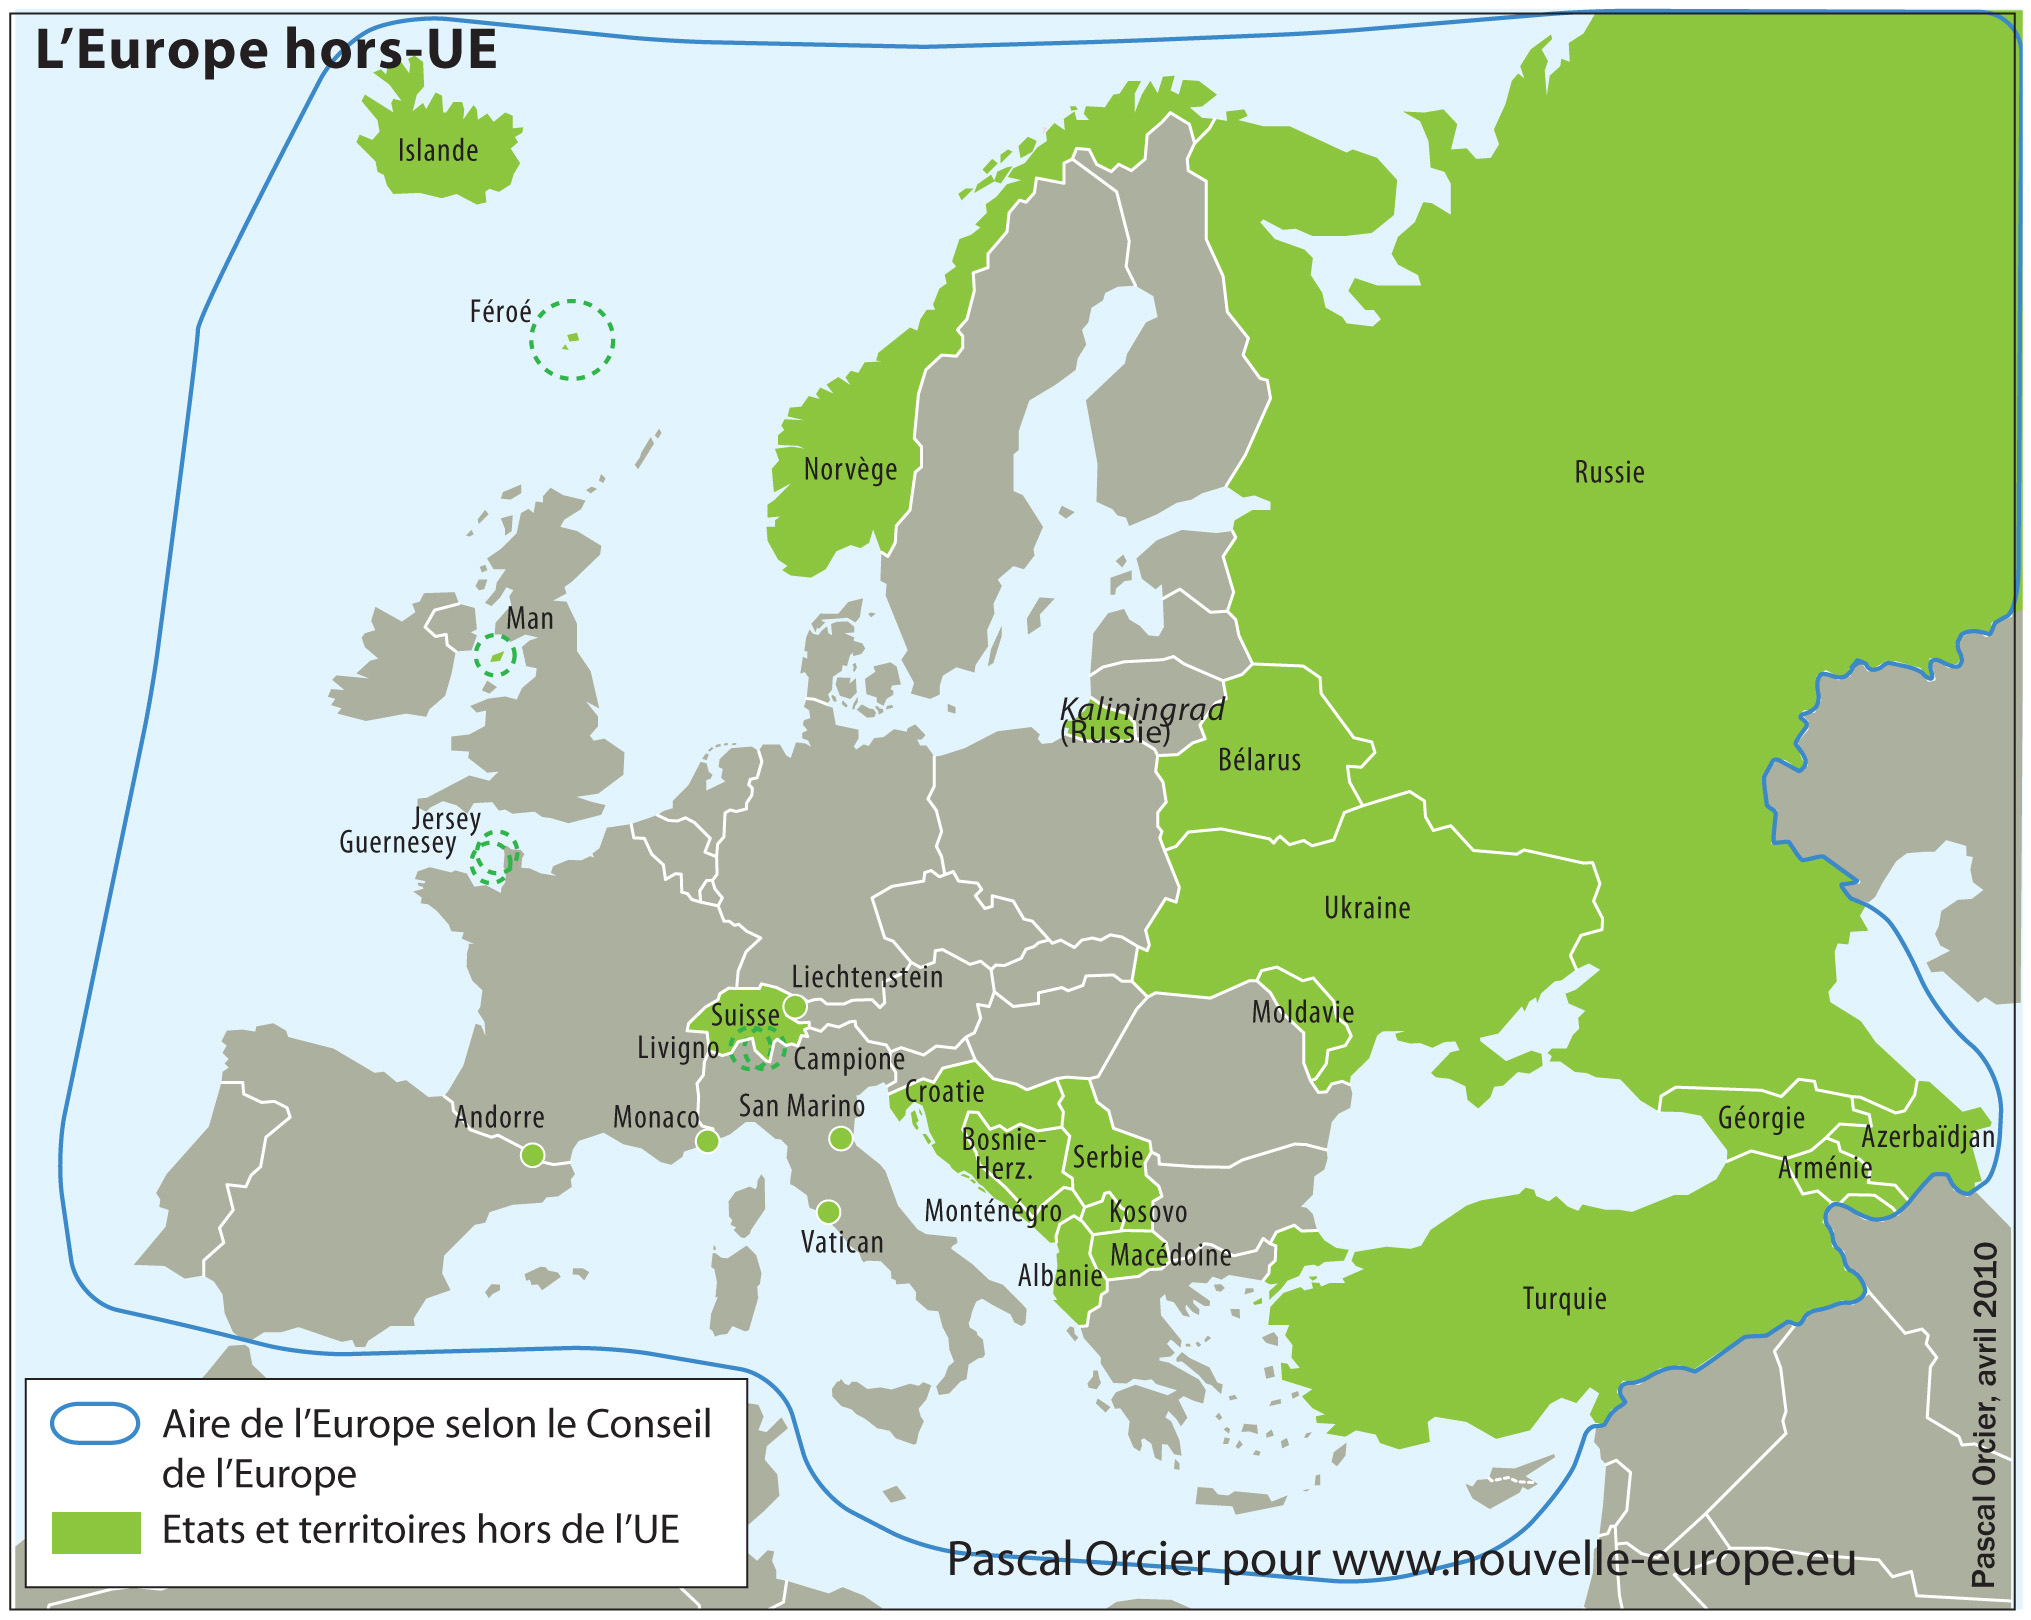 L'europe Hors-Ue | Nouvelle Europe concernant Carte Pays Union Européenne